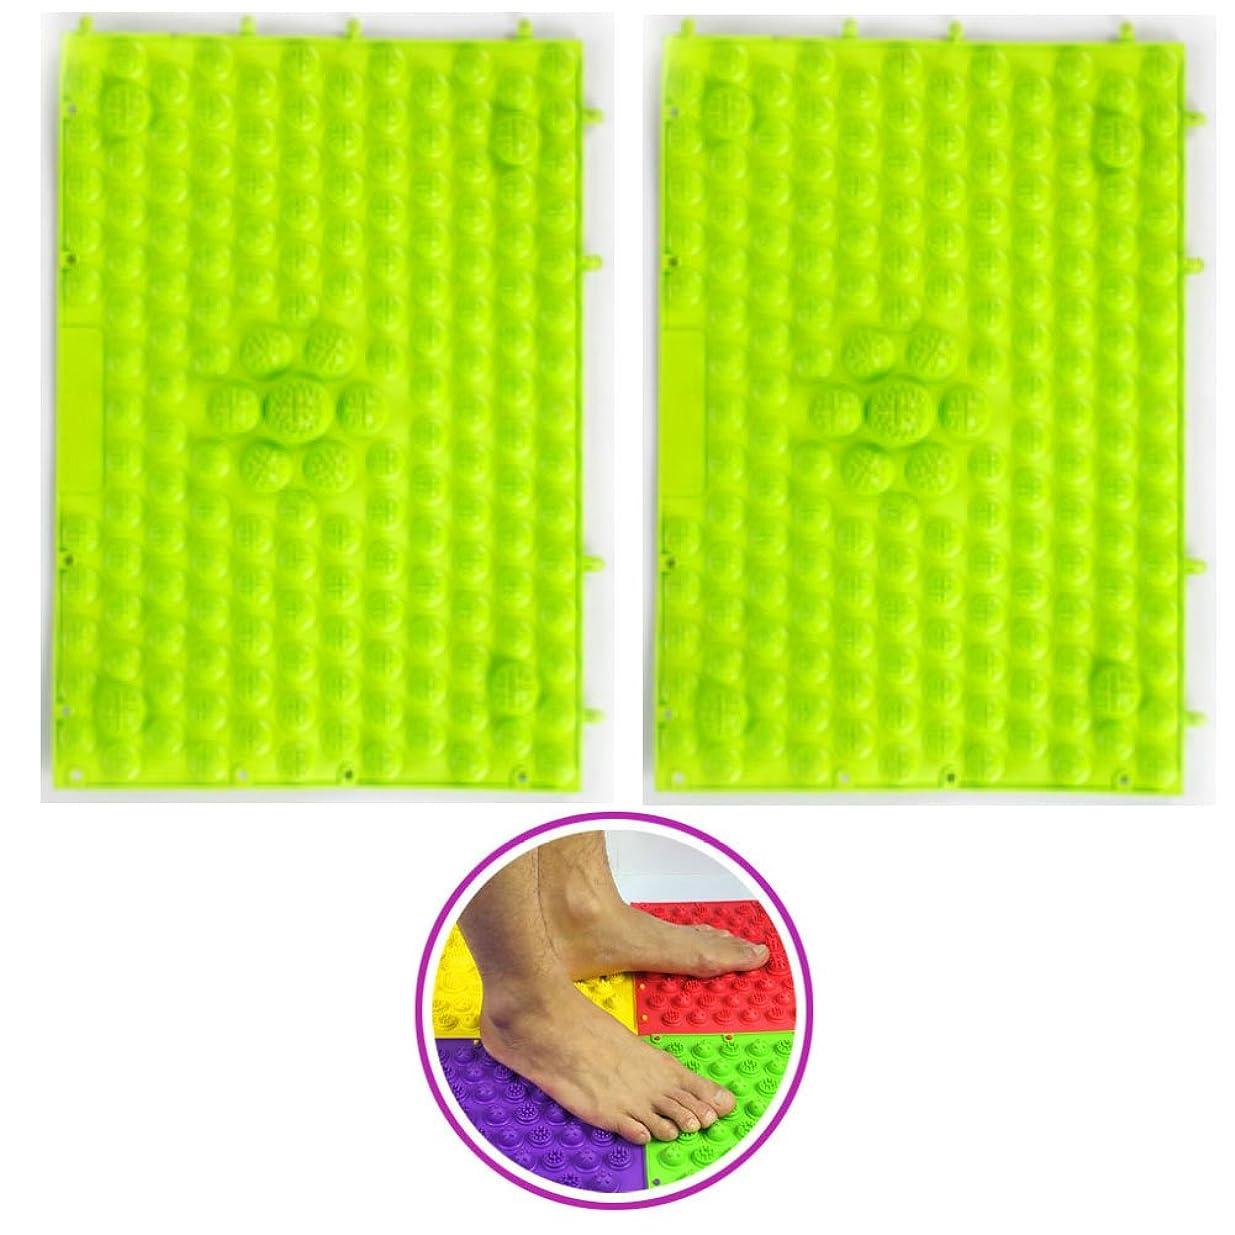 ささいな悪化させる水銀の(POMAIKAI) 足つぼマット マッサージシート 健康 ダイエット 足裏マッサージ 2枚セット(グリーン)